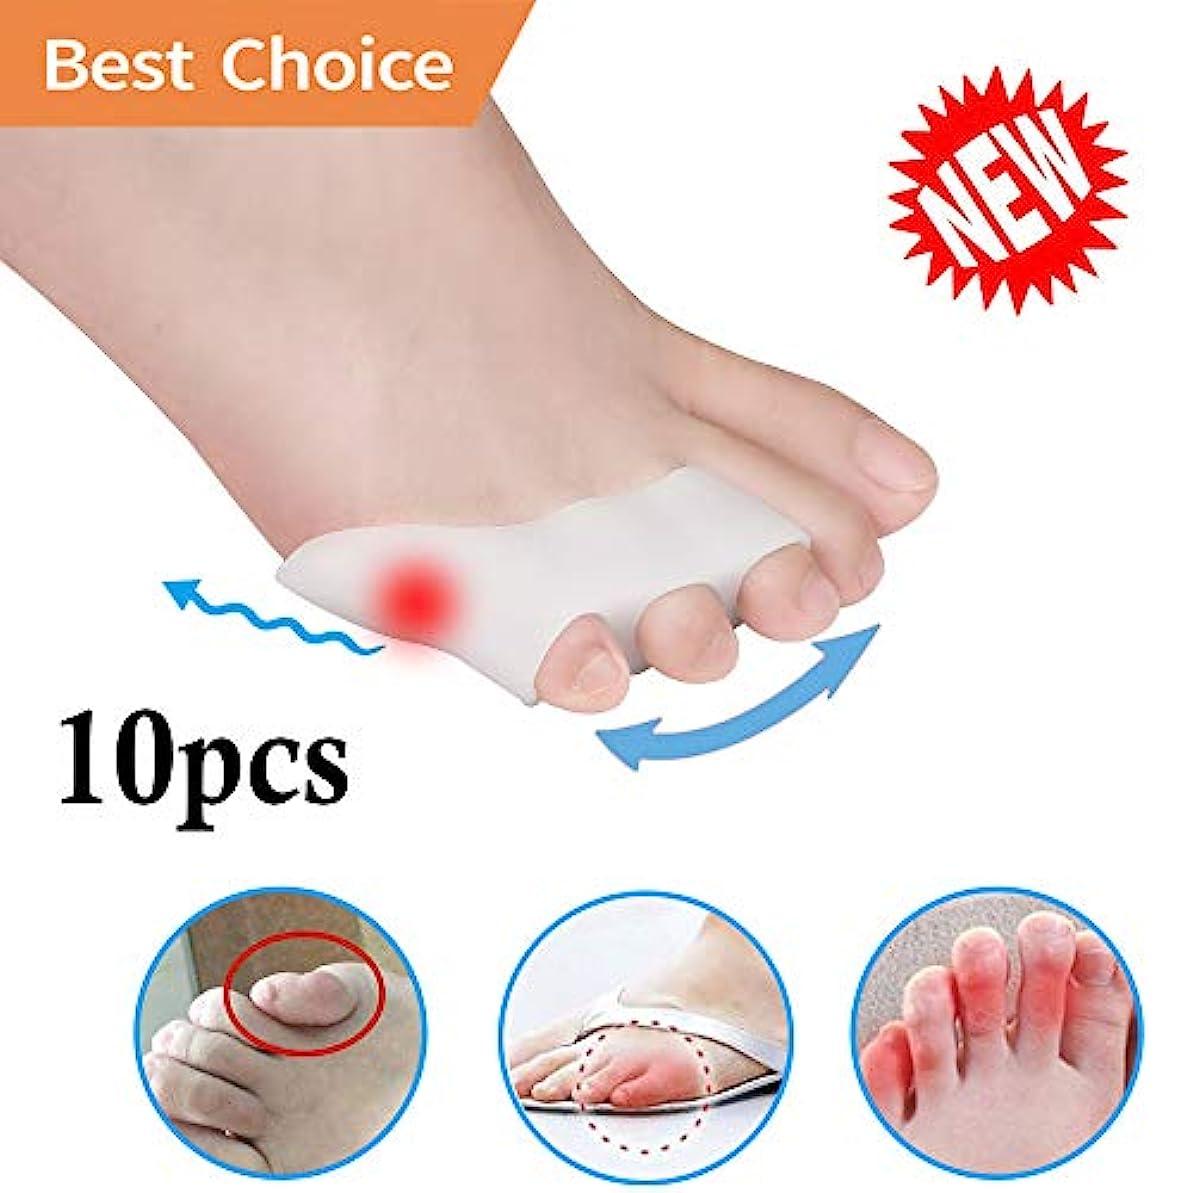 故意にバイパス左Pnrskter 内反小趾 サポーター 足指分離パッド 内反小趾矯正 水疱 摩擦からの痛みの軽減 歩行の負担を軽減 靴ズレ防止 10個入